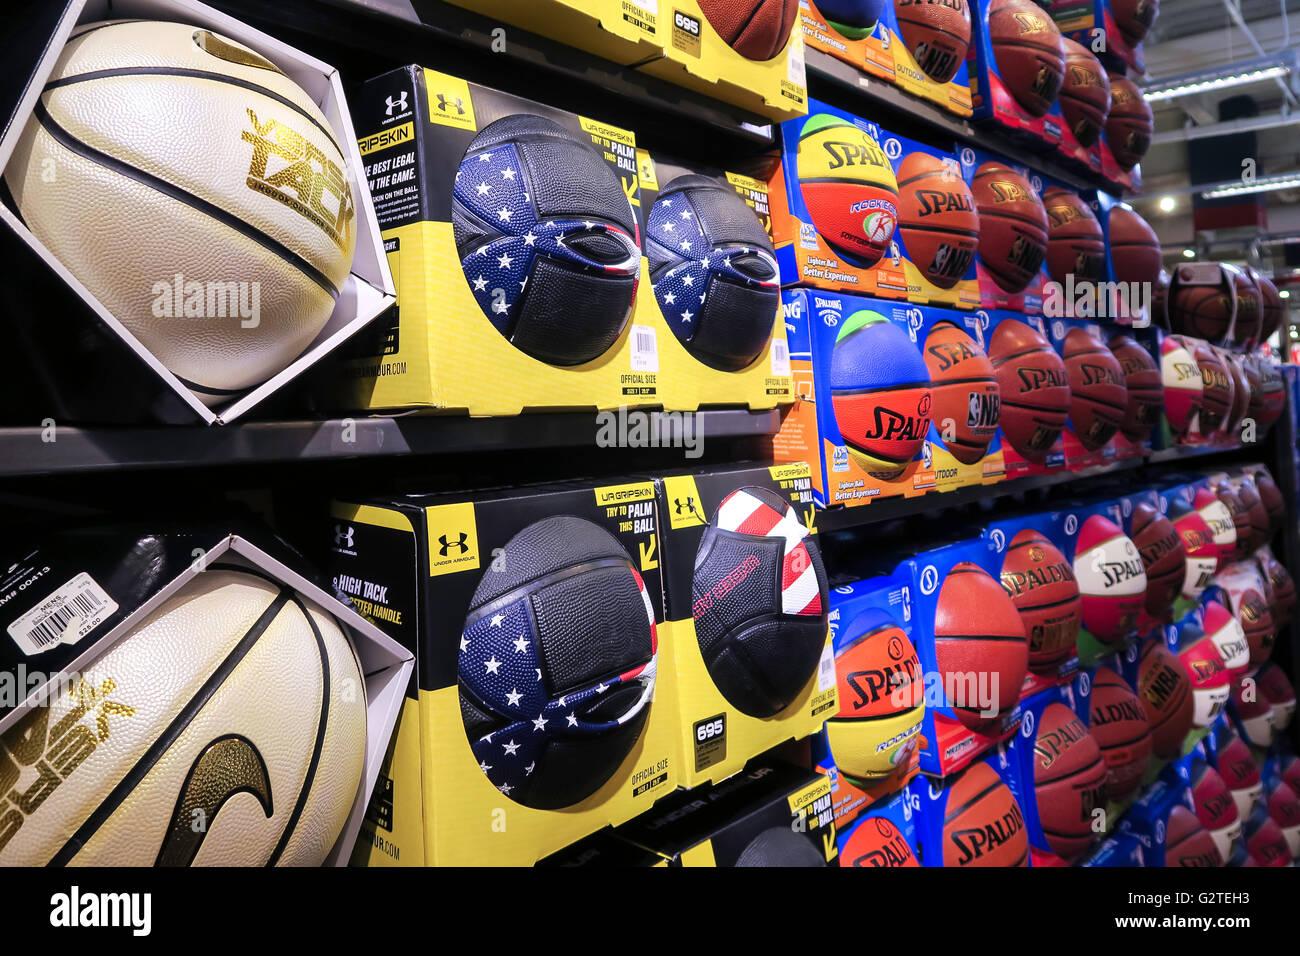 Modell S Sporting Goods Long Island City Ny